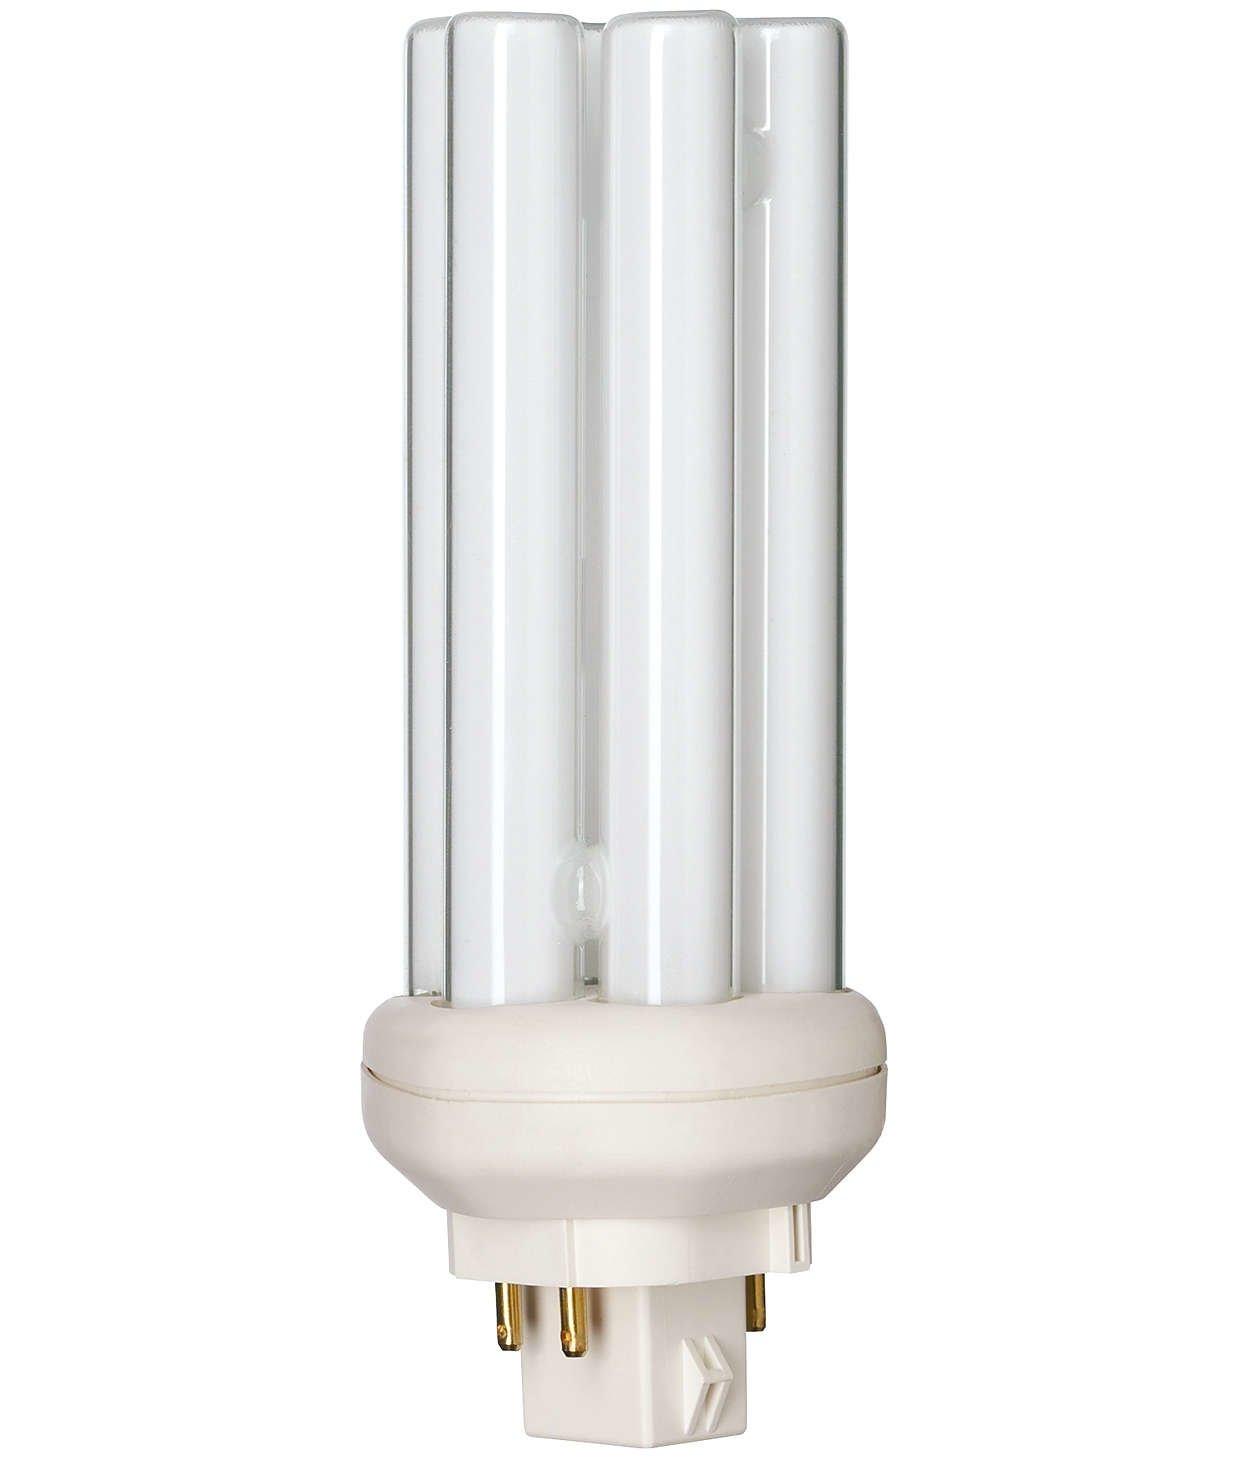 Philips Master PL-T 4P, 26 Watt –  26 W/Gx24q-3/840– 4000 K, Blanc Froid 26Watt-26W/Gx24q-3/840-4000K 0250-026840p B000ONJUAE